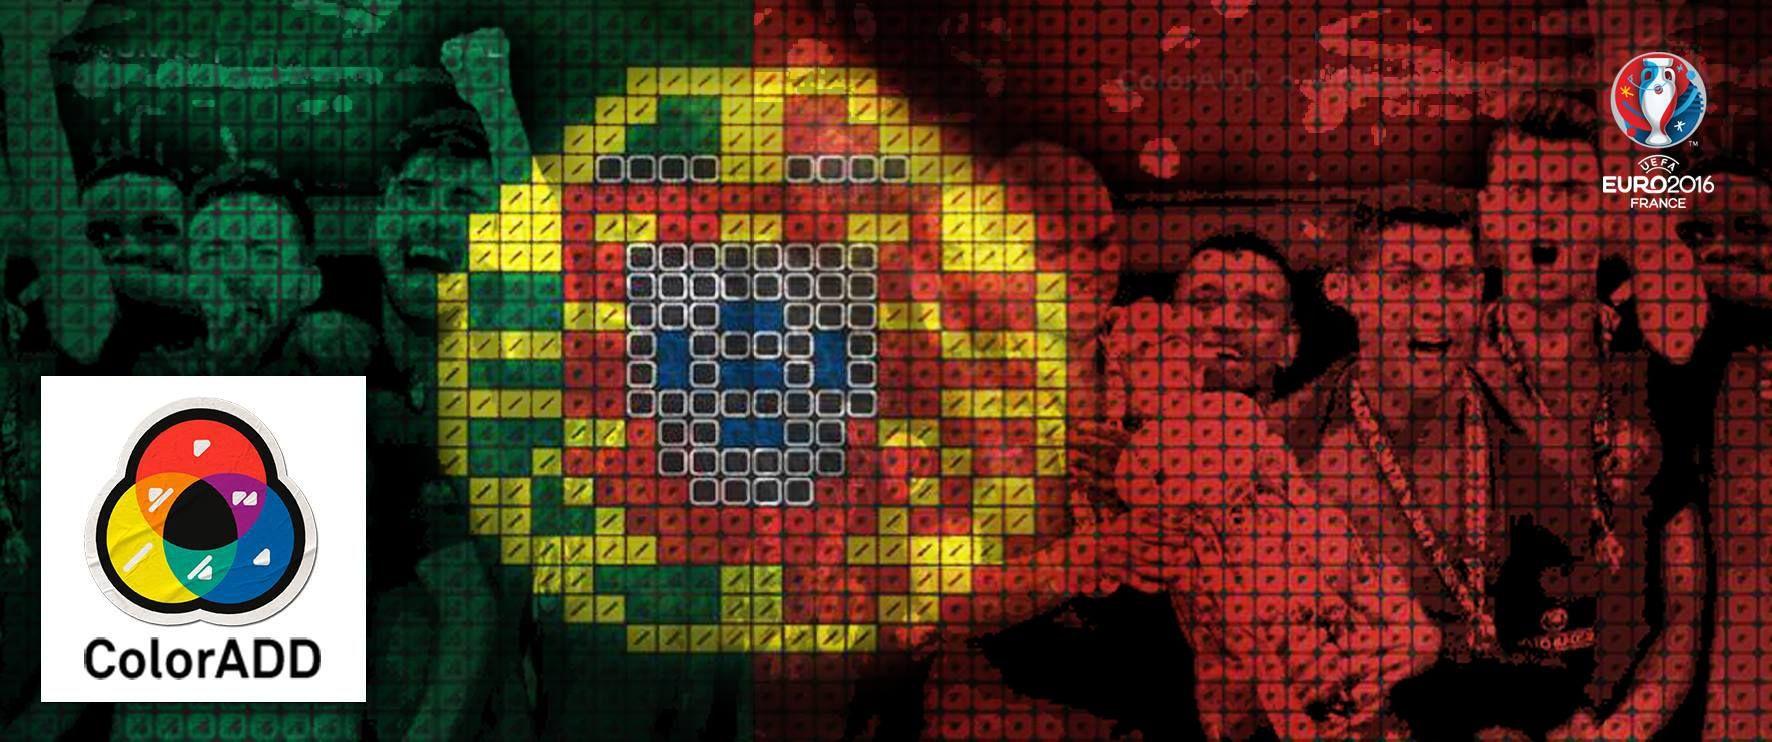 #futebol #ronaldo #fpf #seleção #euro #euro2016 #coloradd #colorisforall #colorblind #daltonico #socialimpact #innovation #inovação #uefa